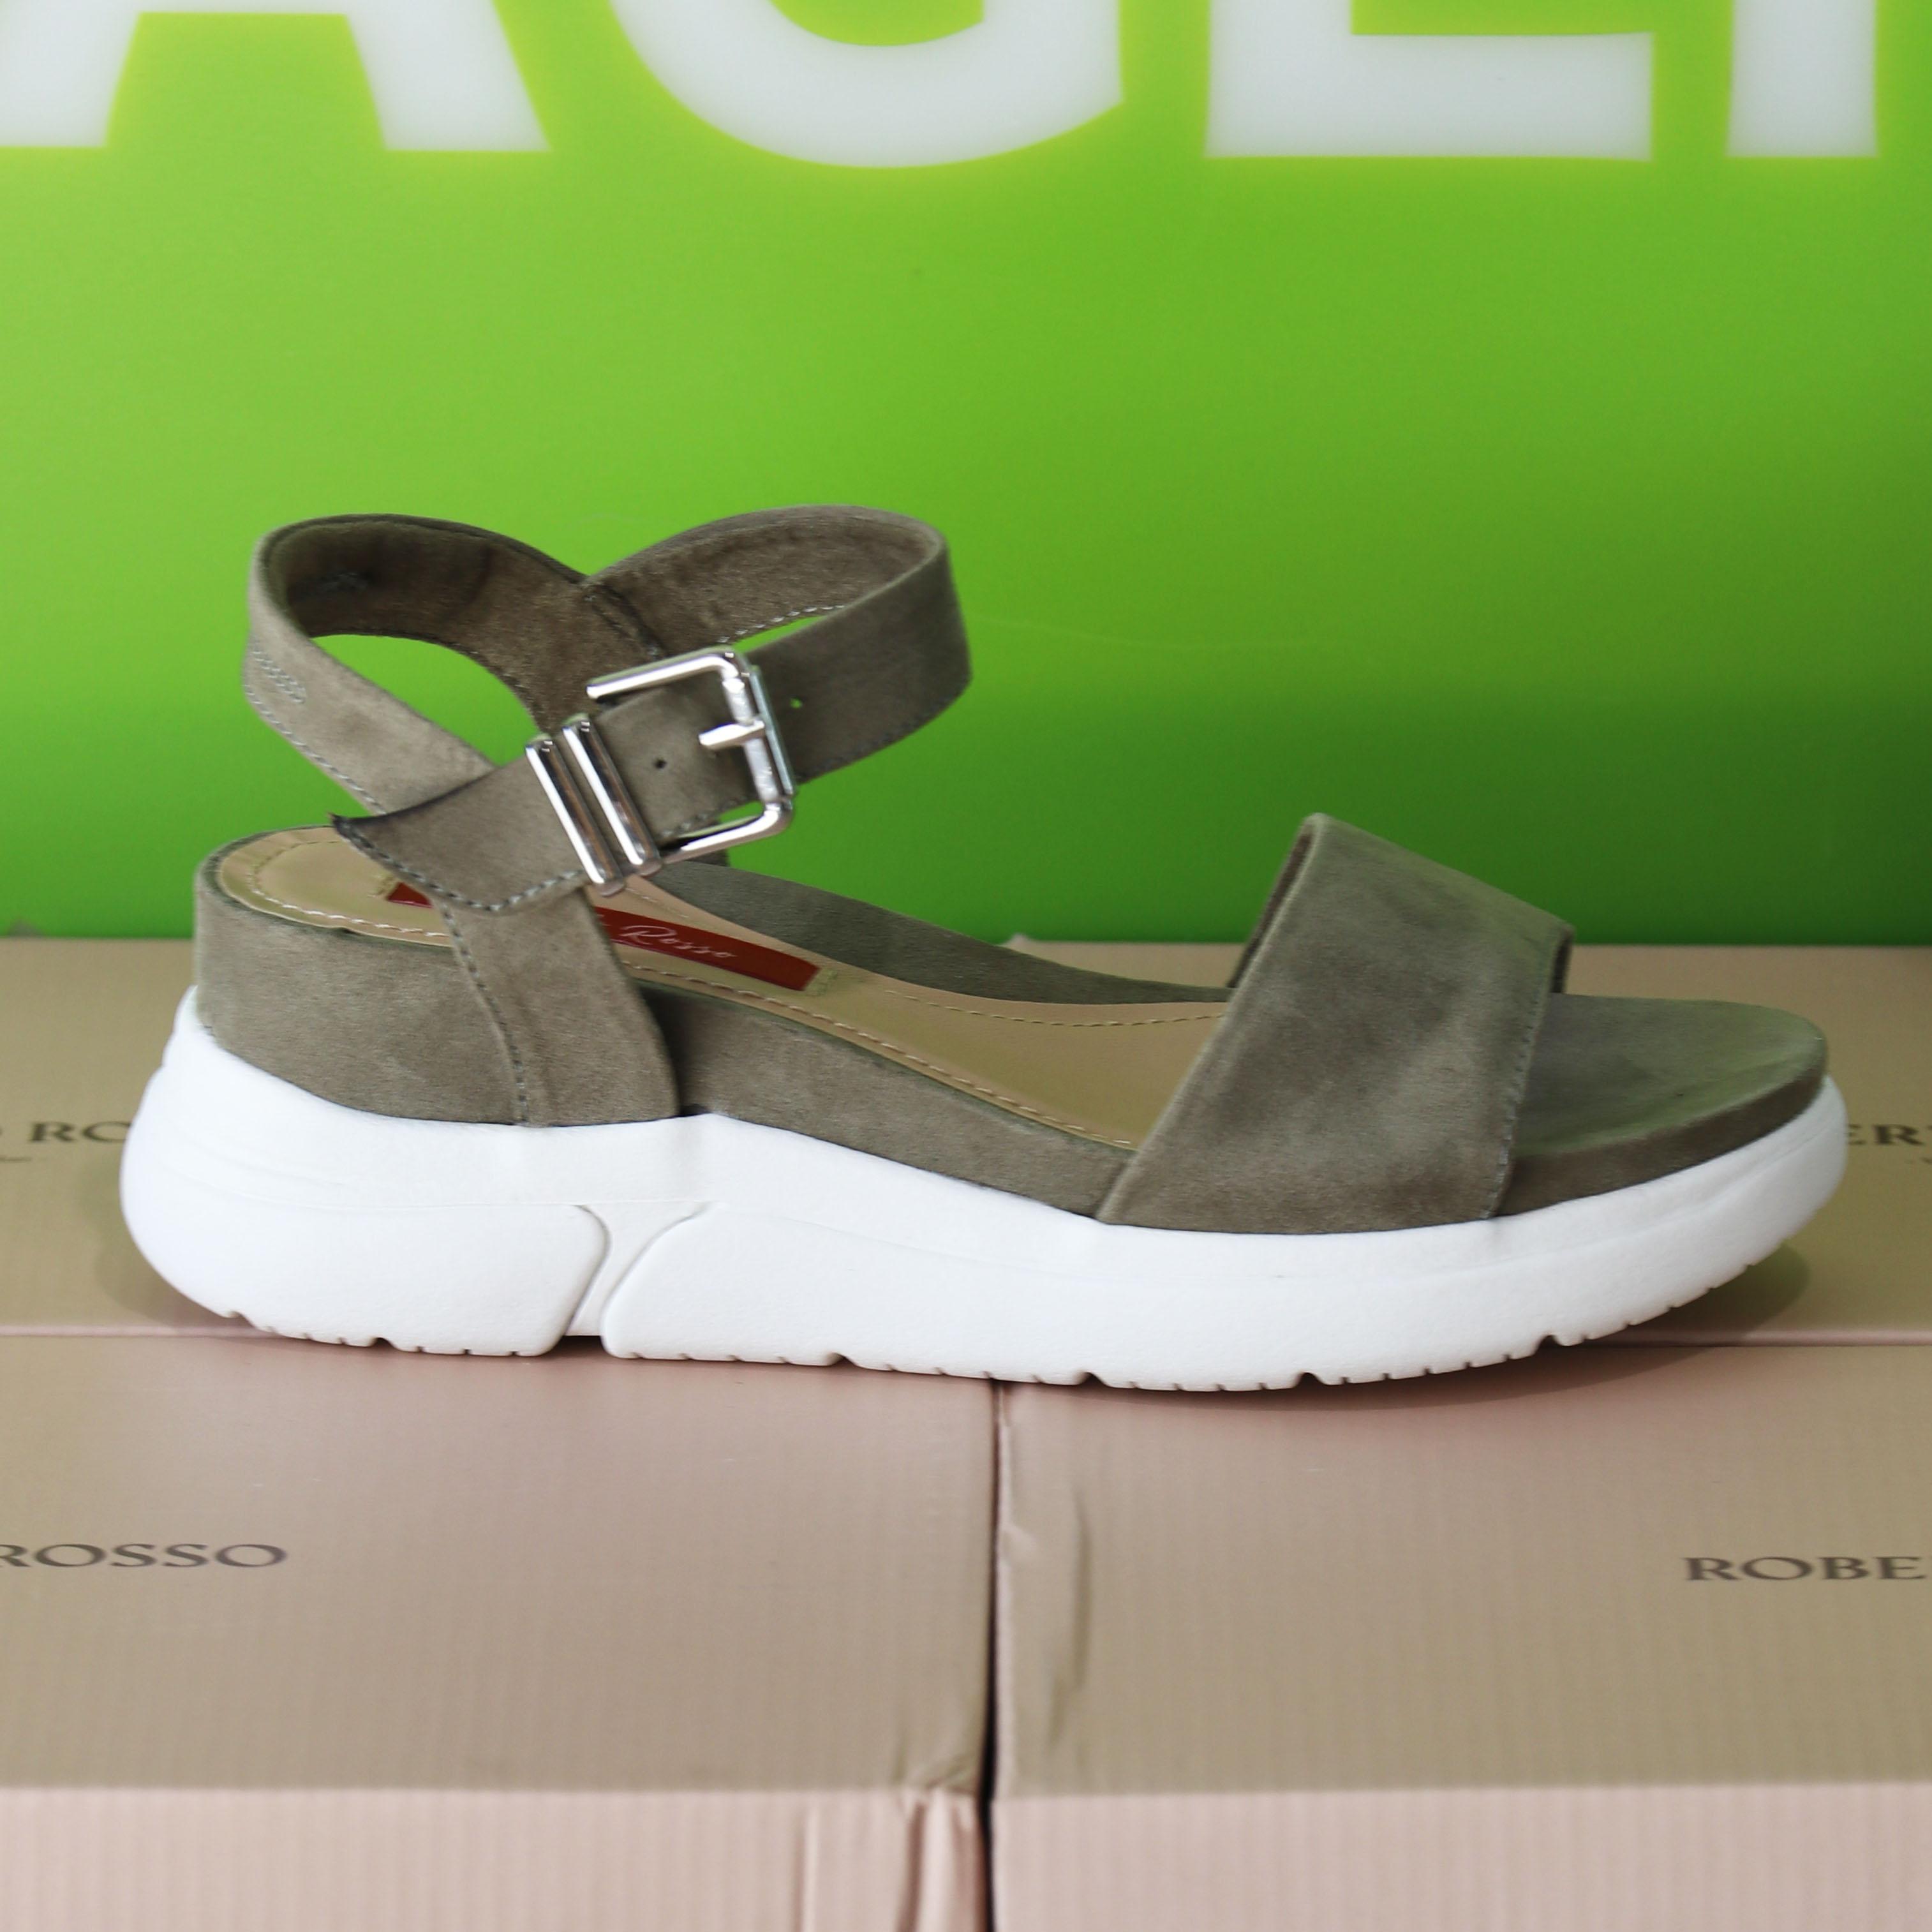 roberto rosso – akkira green sandal grønn sommer dame6